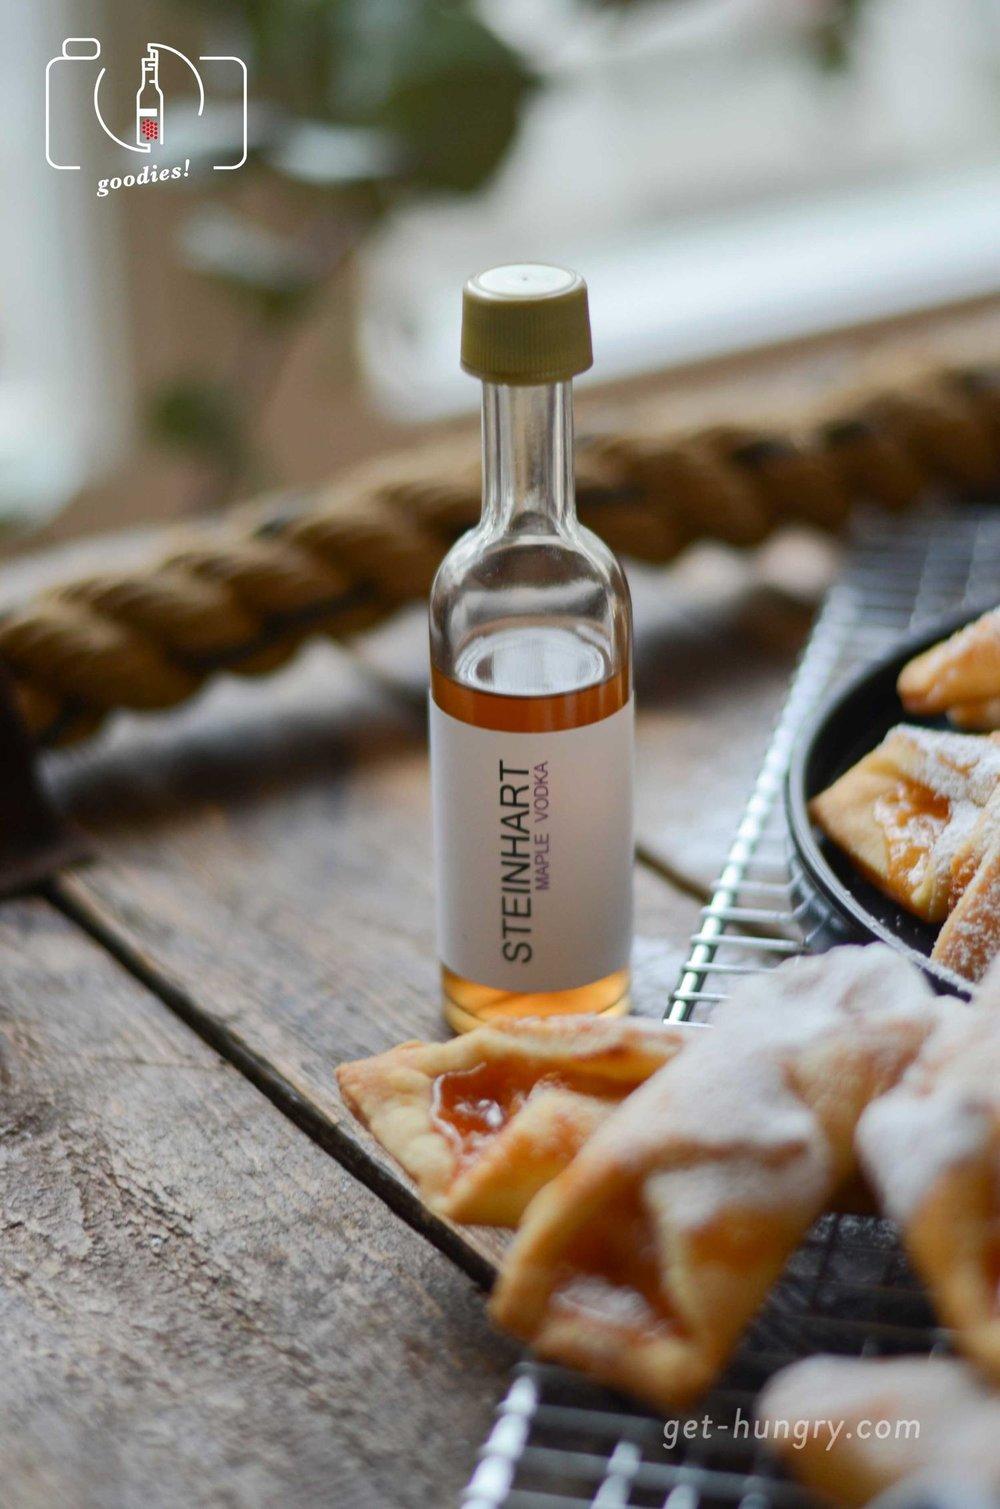 Steinharts Maple-Vodka from Nova Scotia